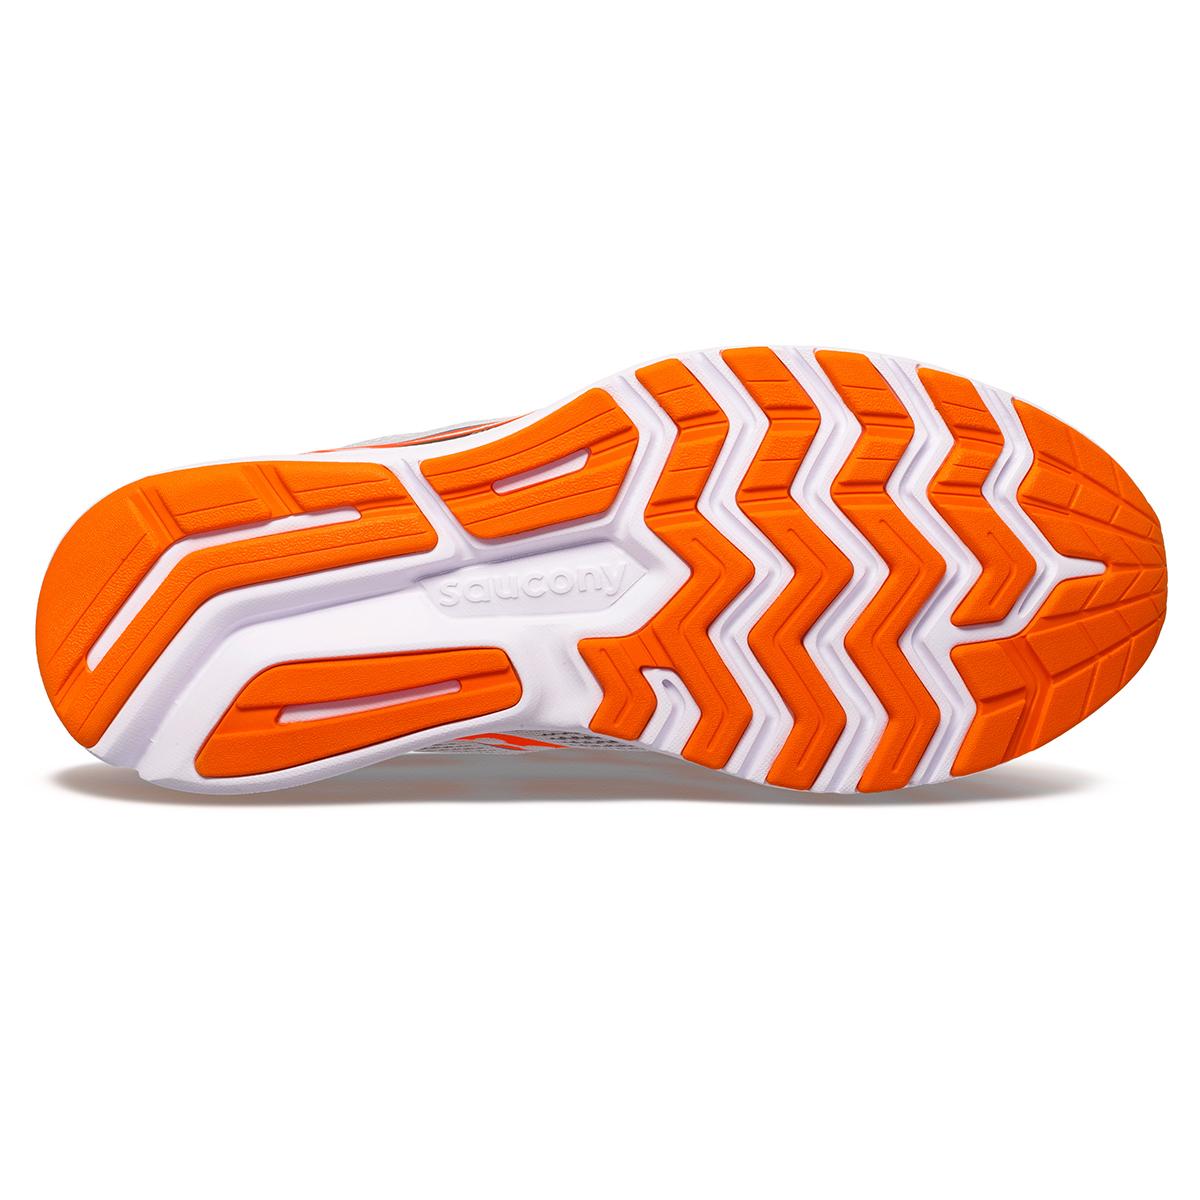 Men's Saucony Ride 14 Running Shoe - Color: Jackalope - Size: 7 - Width: Regular, Jackalope, large, image 5